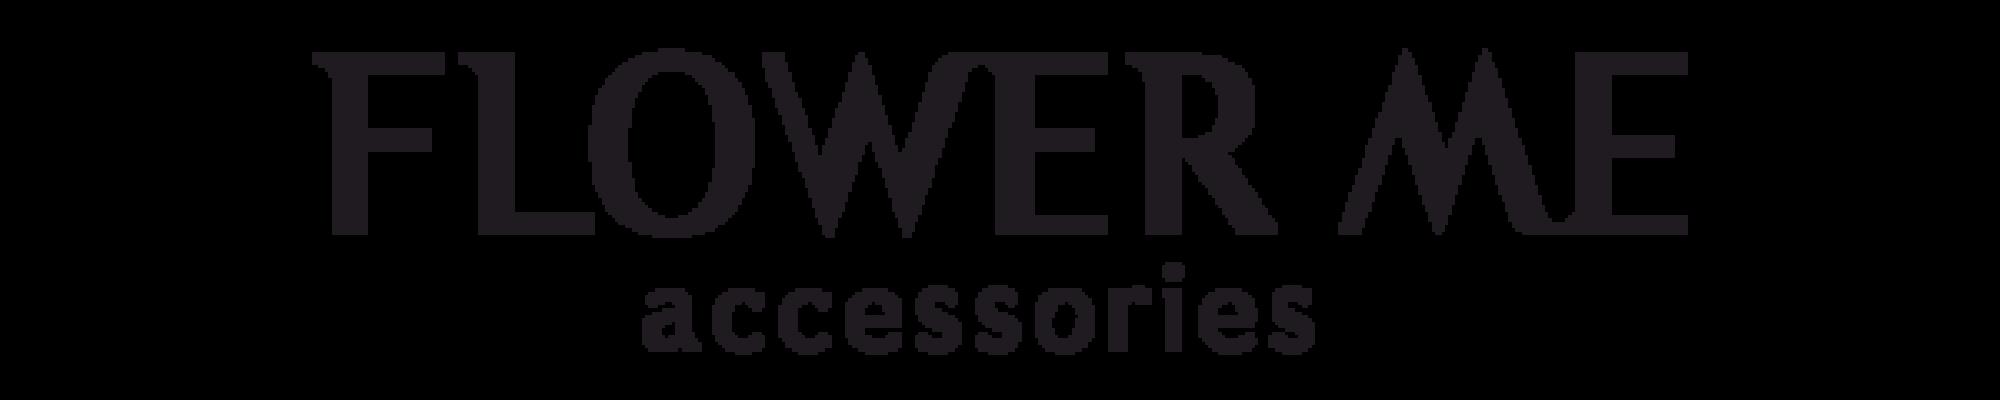 лого черный